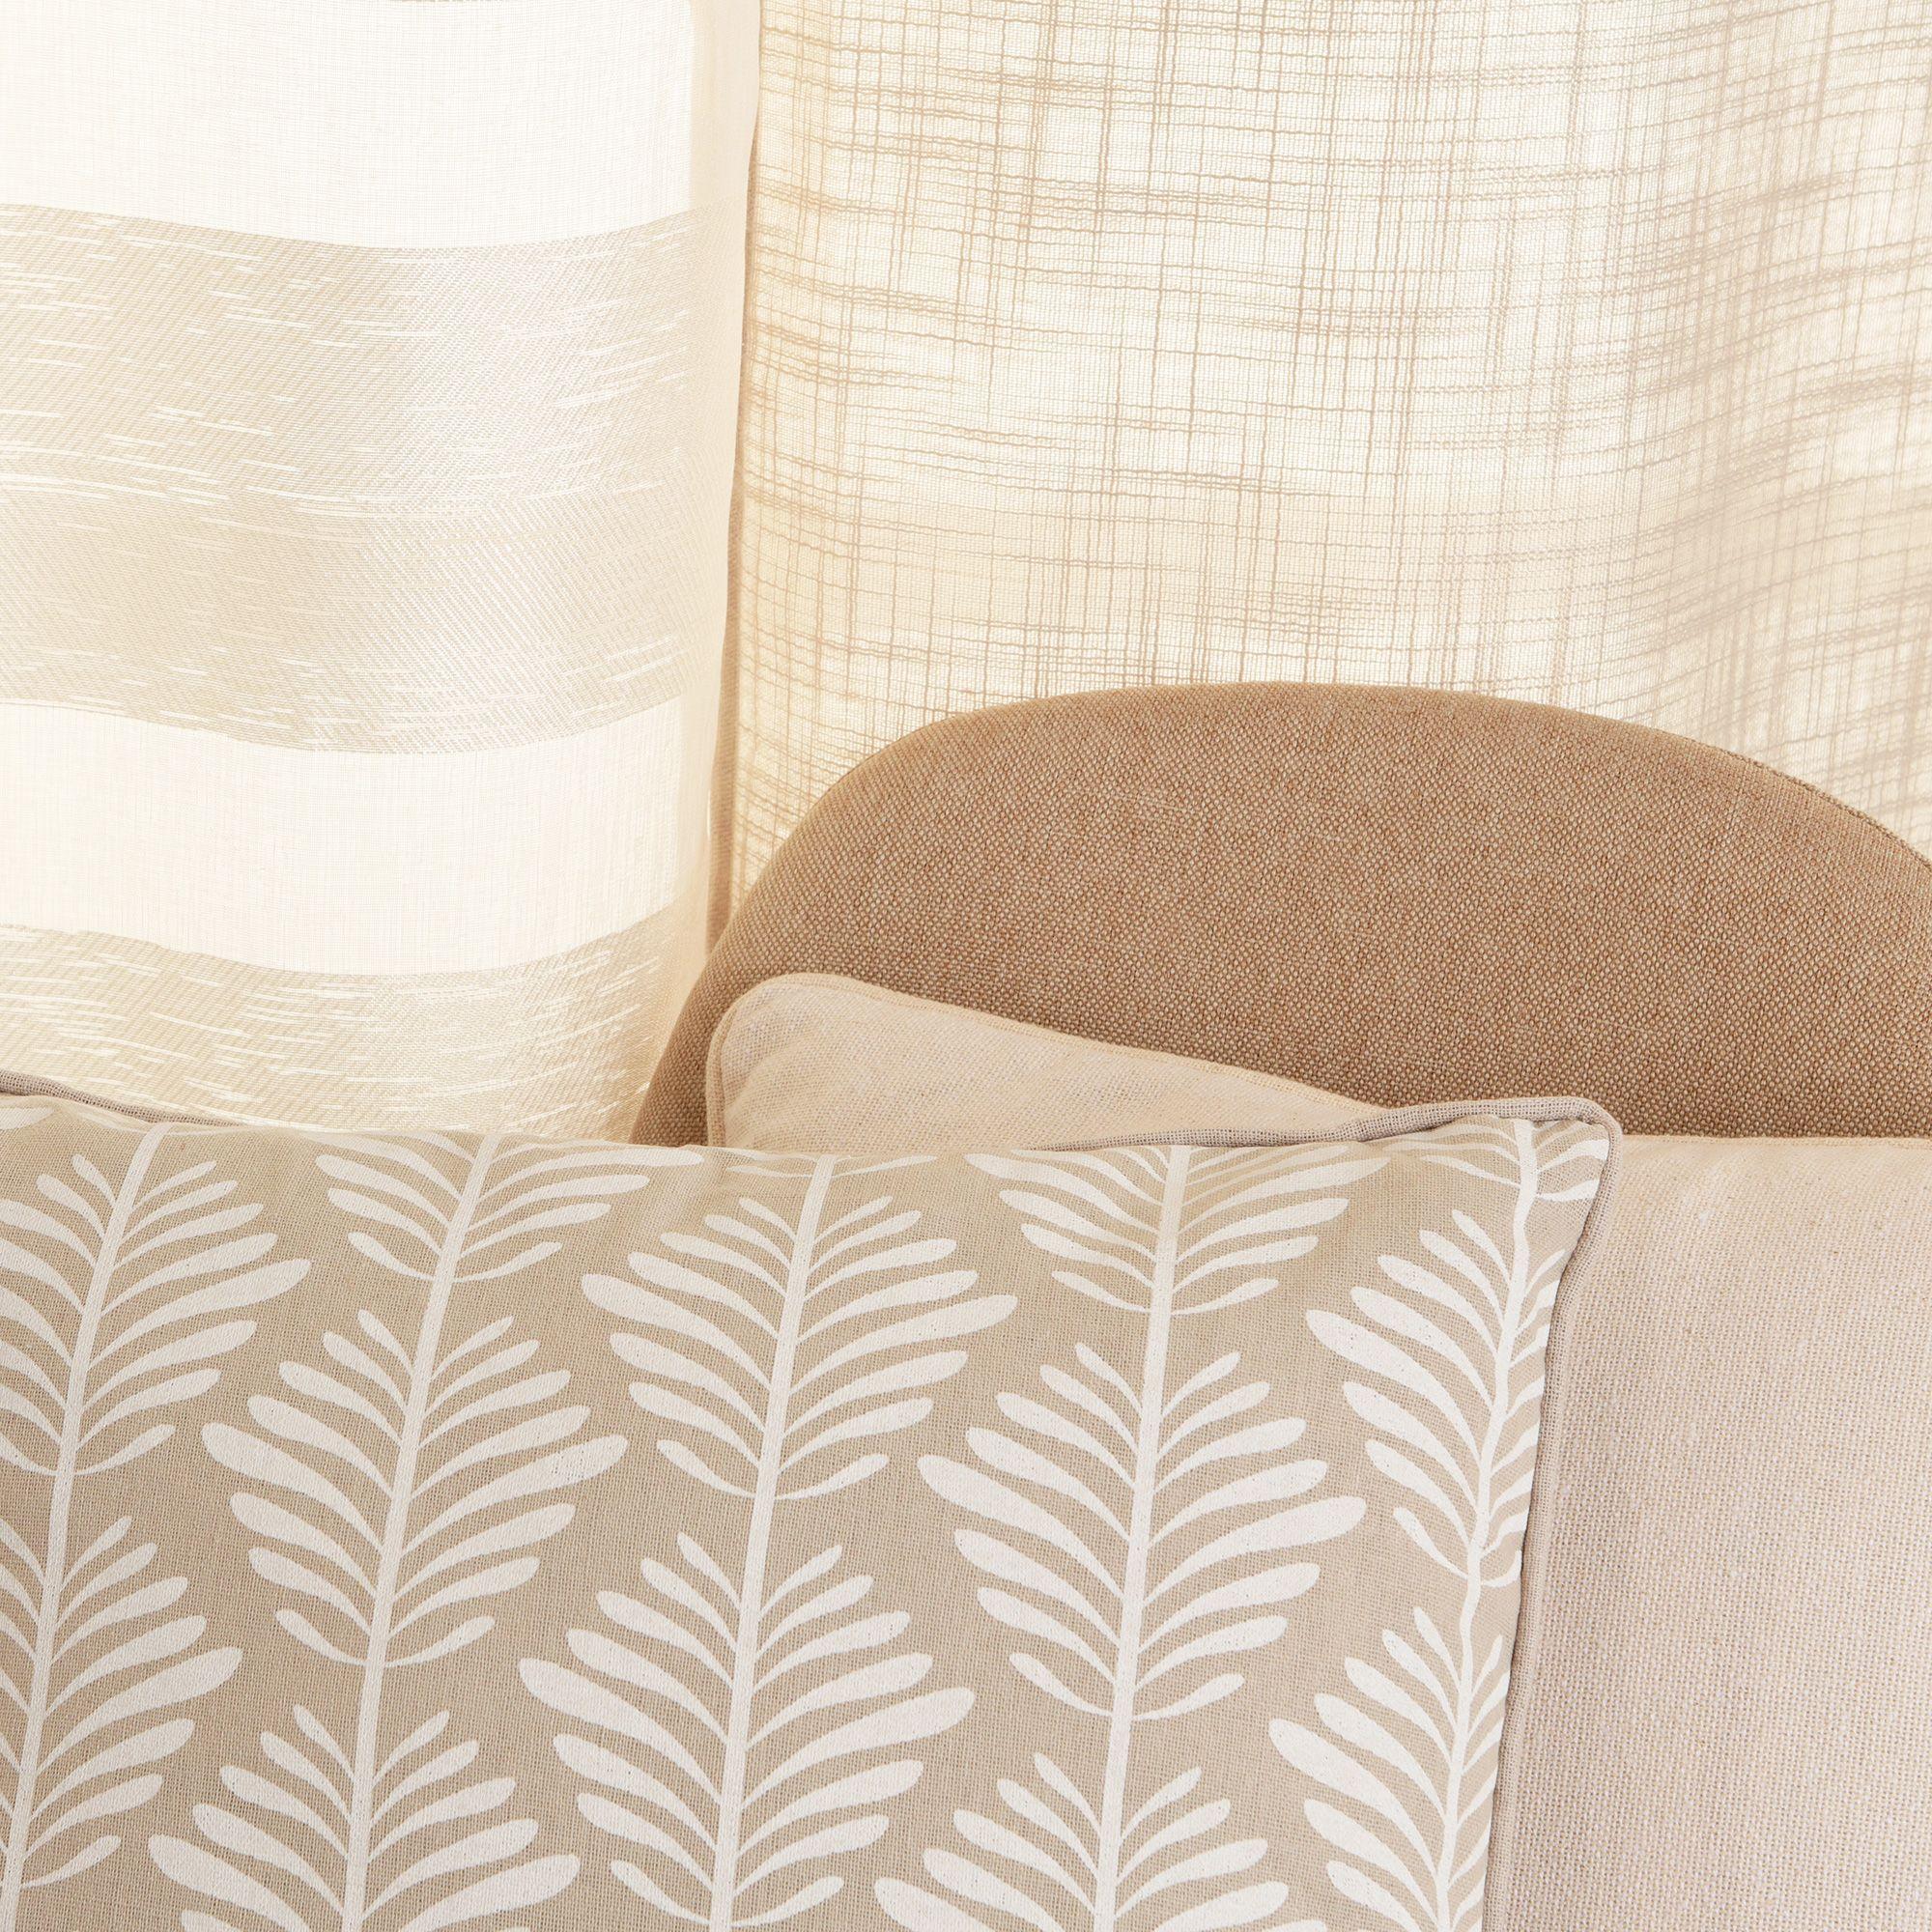 Un motif floral blanc tout doux pour bien commencer la semaine 🌼 . #decoboutique #themetadeco #decoration #homedesign #cozyhome #interior #homeinspo #instahome #homedecor #interiordesign #decor #shopmystyle #decoaddict #passiondeco #ideedeco #madecoamoi #photooftheday #coussin #rideau